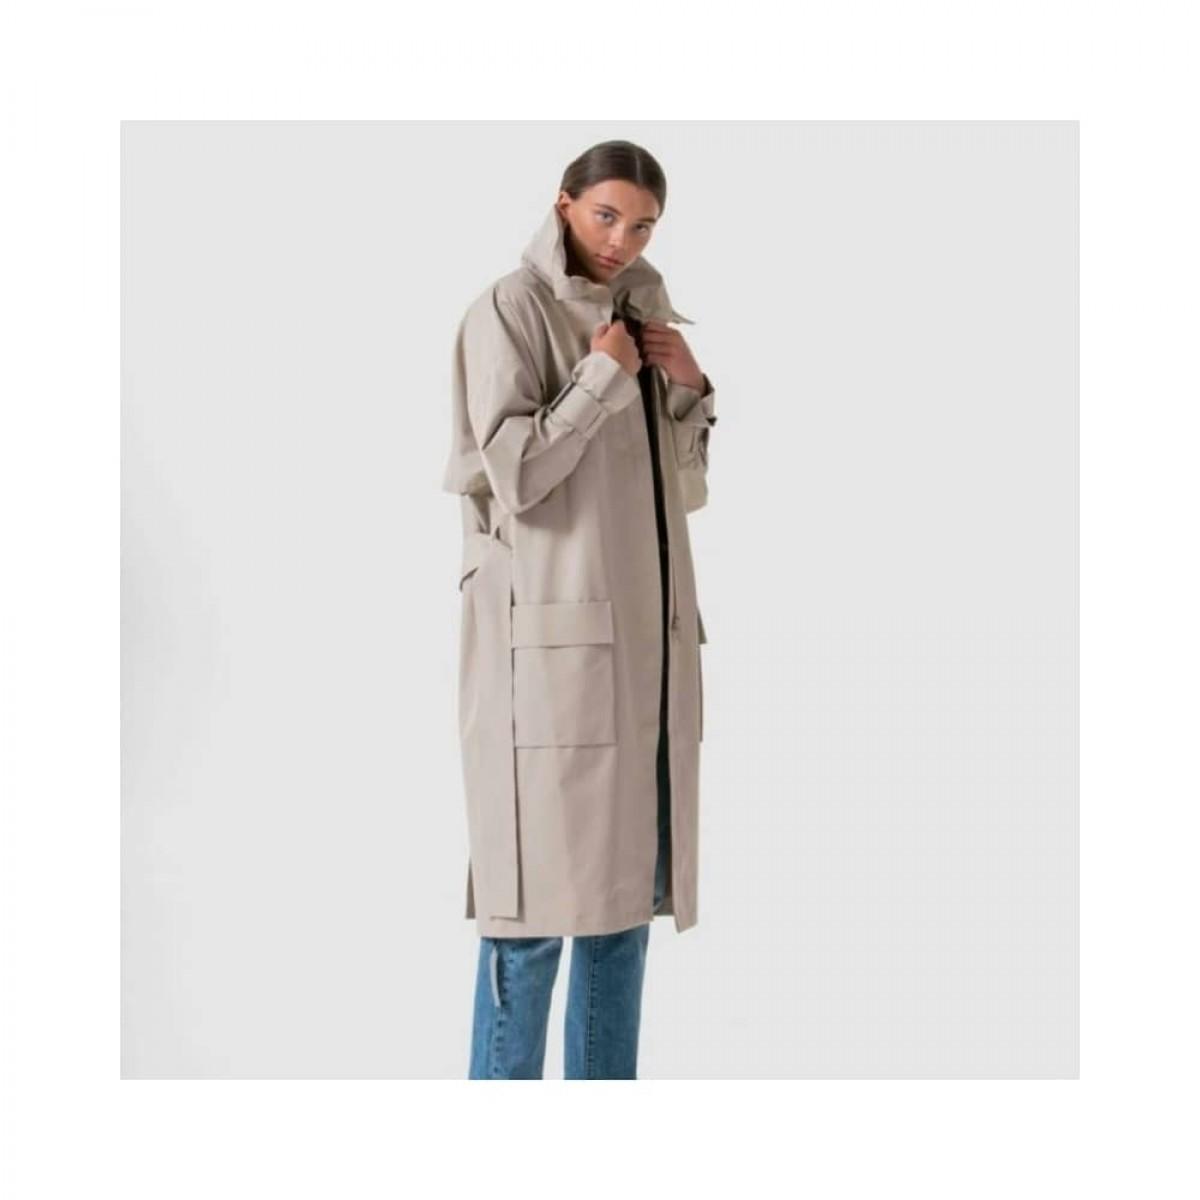 brosundet regn frakke - beige - model med krave